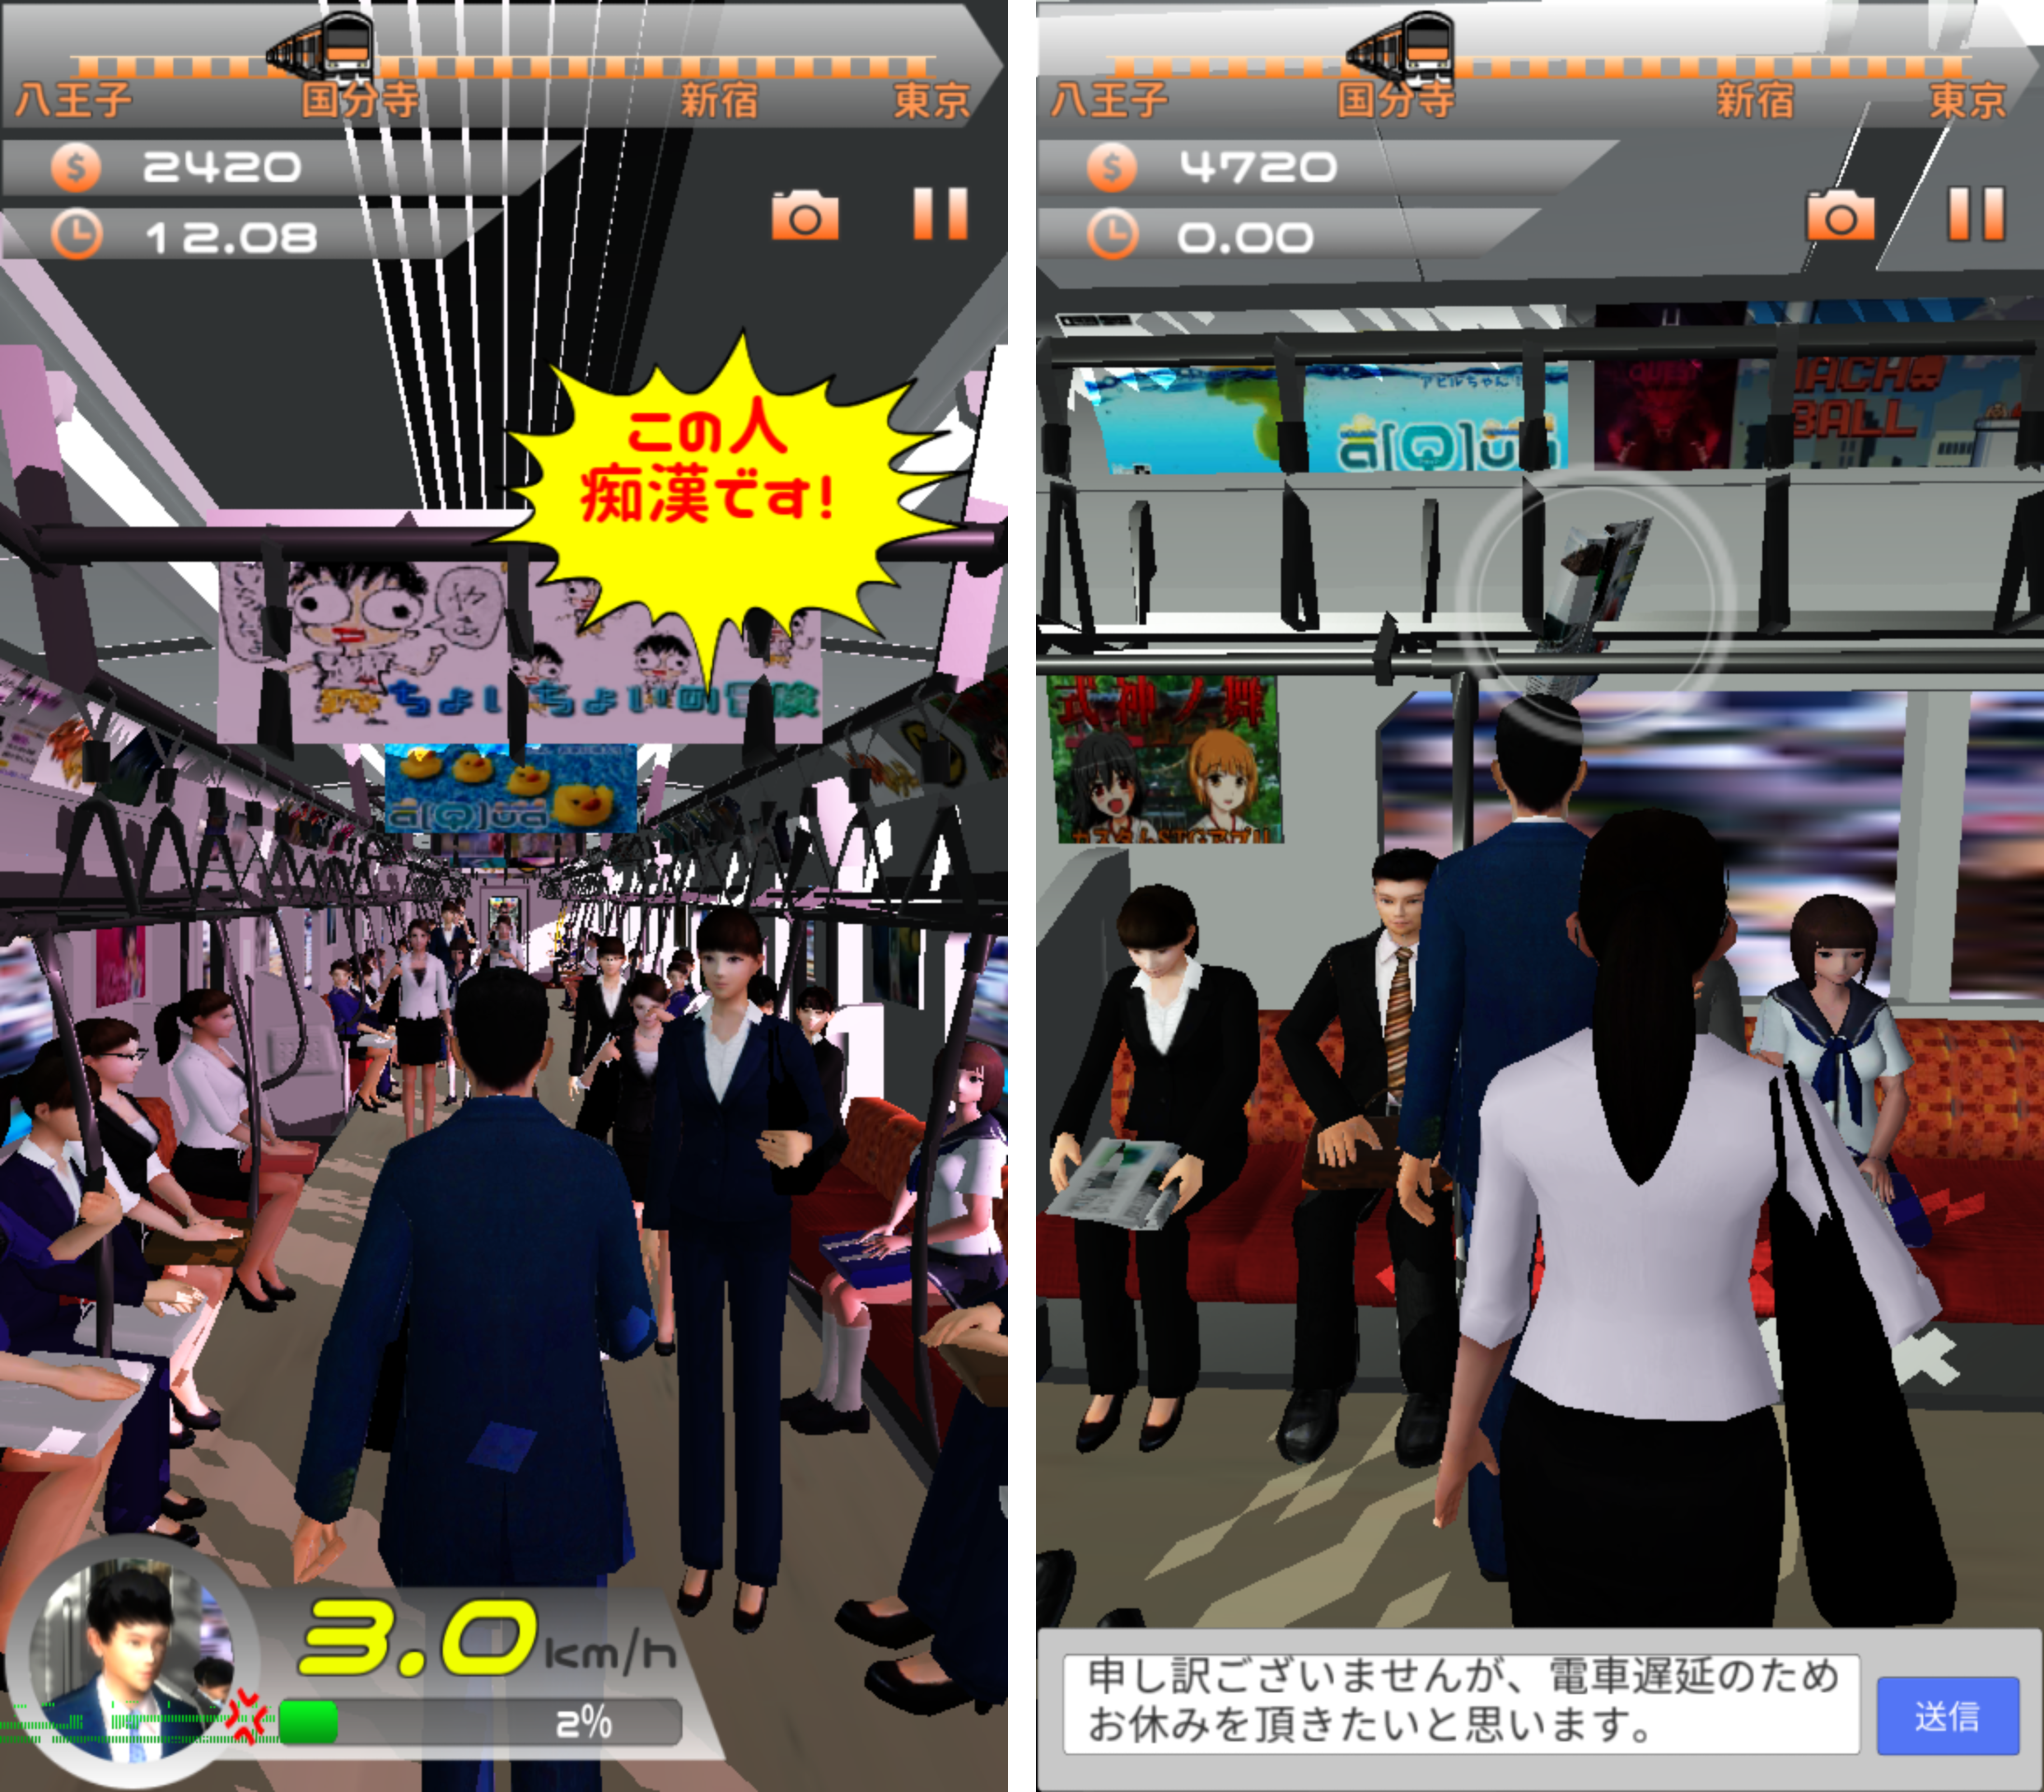 30秒で通勤する方法〜八王子から東京駅まで〜 androidアプリスクリーンショット3